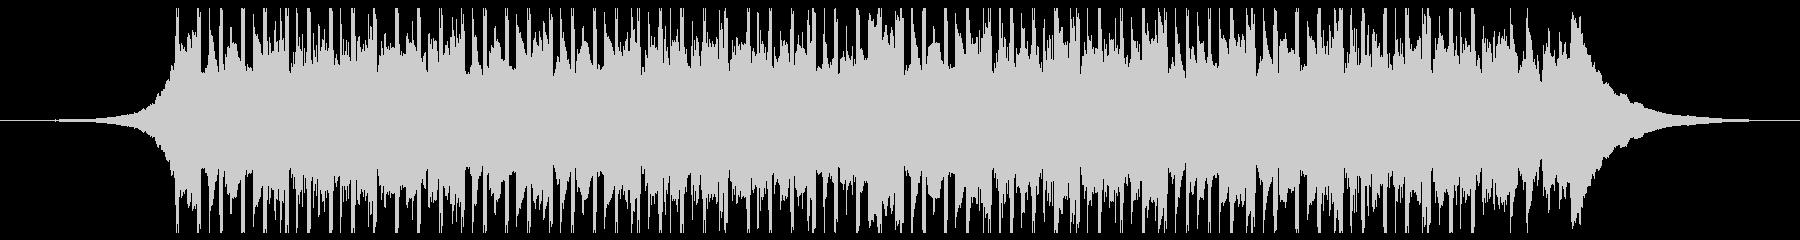 構築(ショート1)の未再生の波形